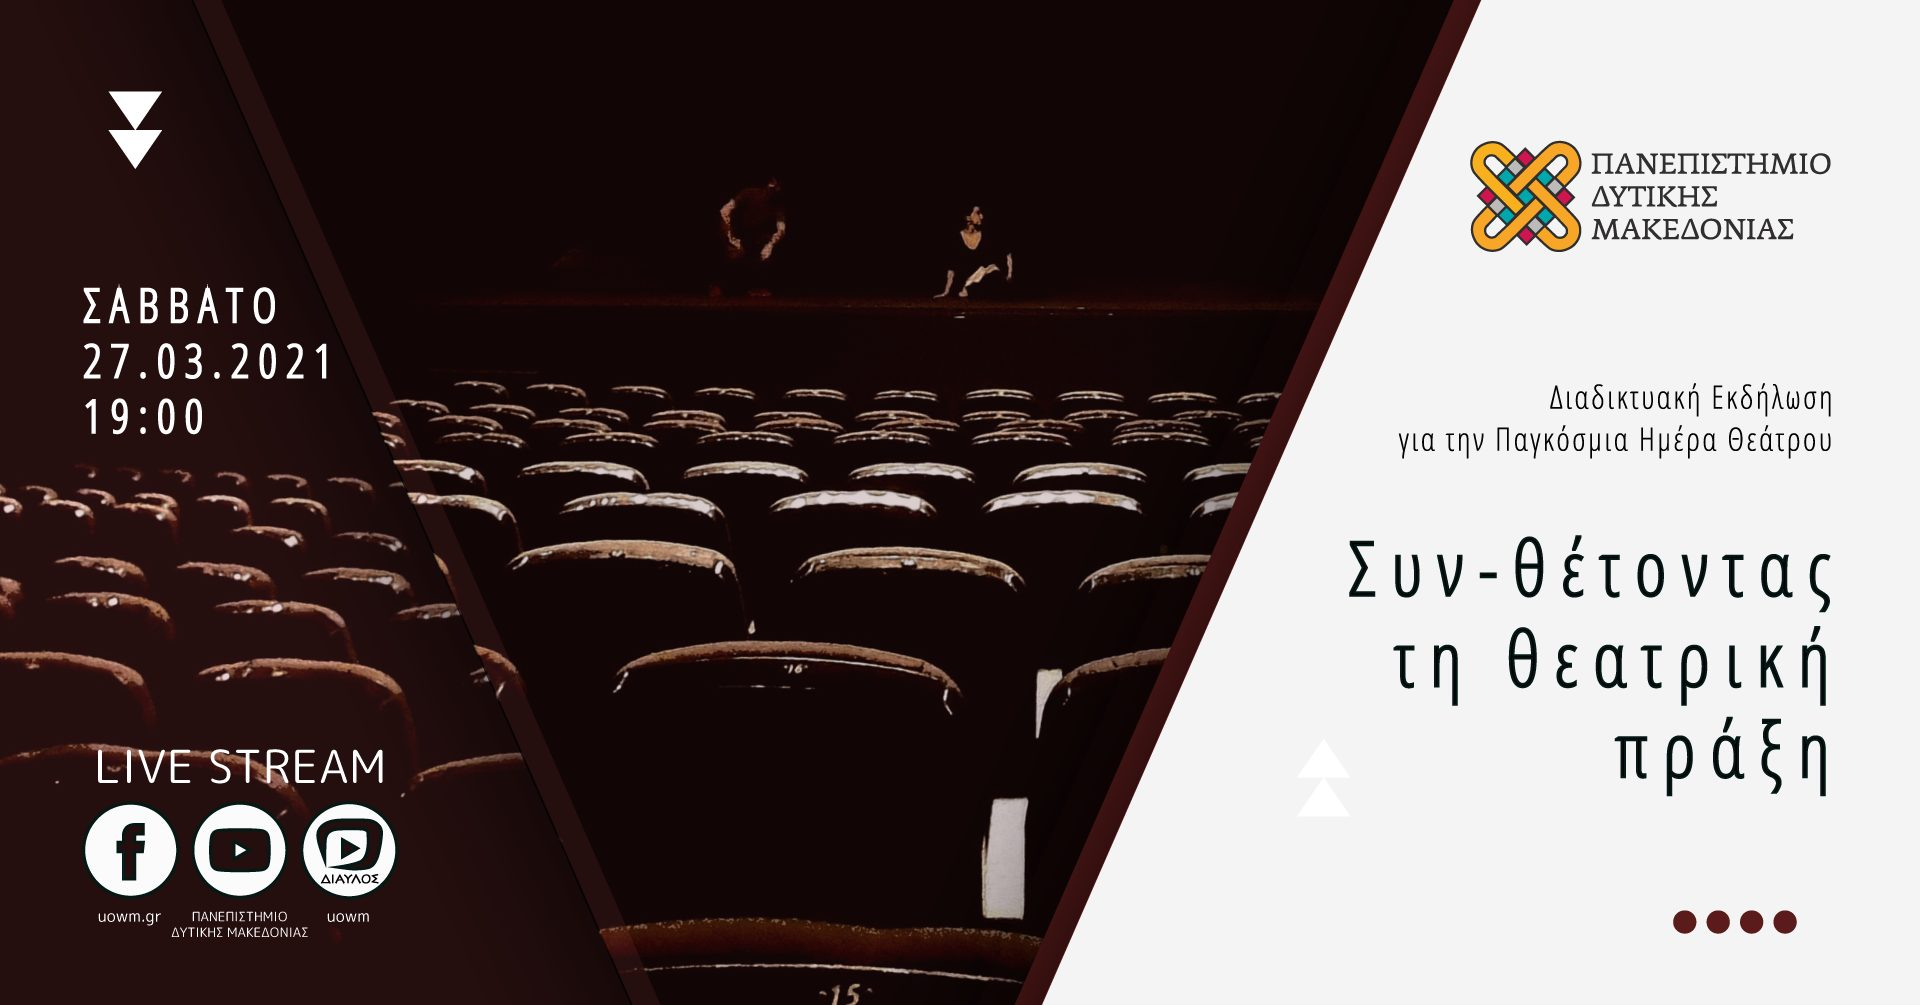 Πανεπιστήμιο Δυτικής Μακεδονίας: Διαδικτυακή Εκδήλωση με αφορμή τον εορτασμό της παγκόσμιας ημέρας Θεάτρου